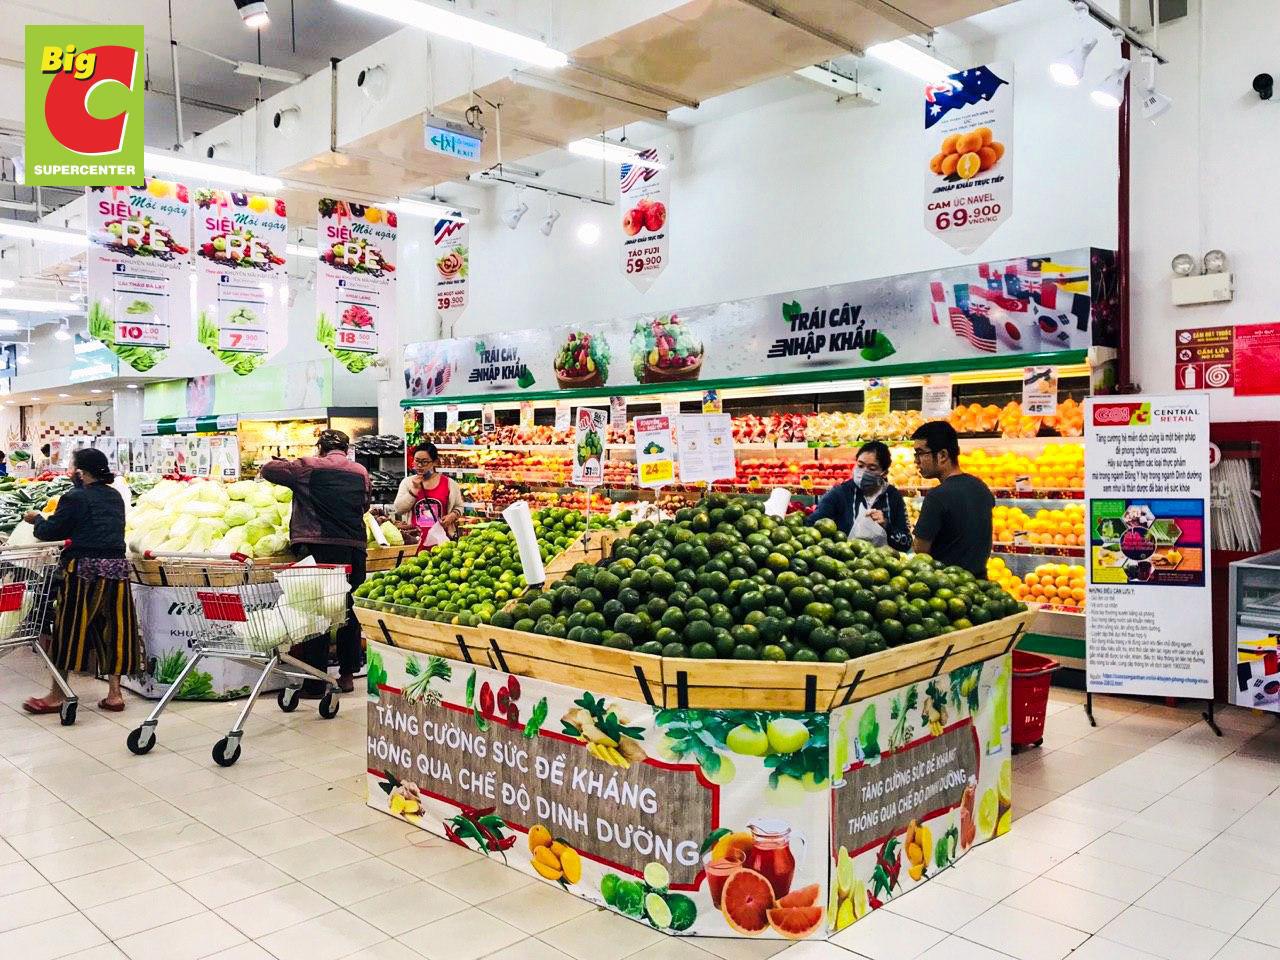 Siêu thị tăng gấp 3-4 lần lượng hàng hóa, thực phẩm, cam kết không thiếu bất kì hàng hóa nào và đang chuyển thêm về Hà Nội trong hôm nay - Ảnh 1.